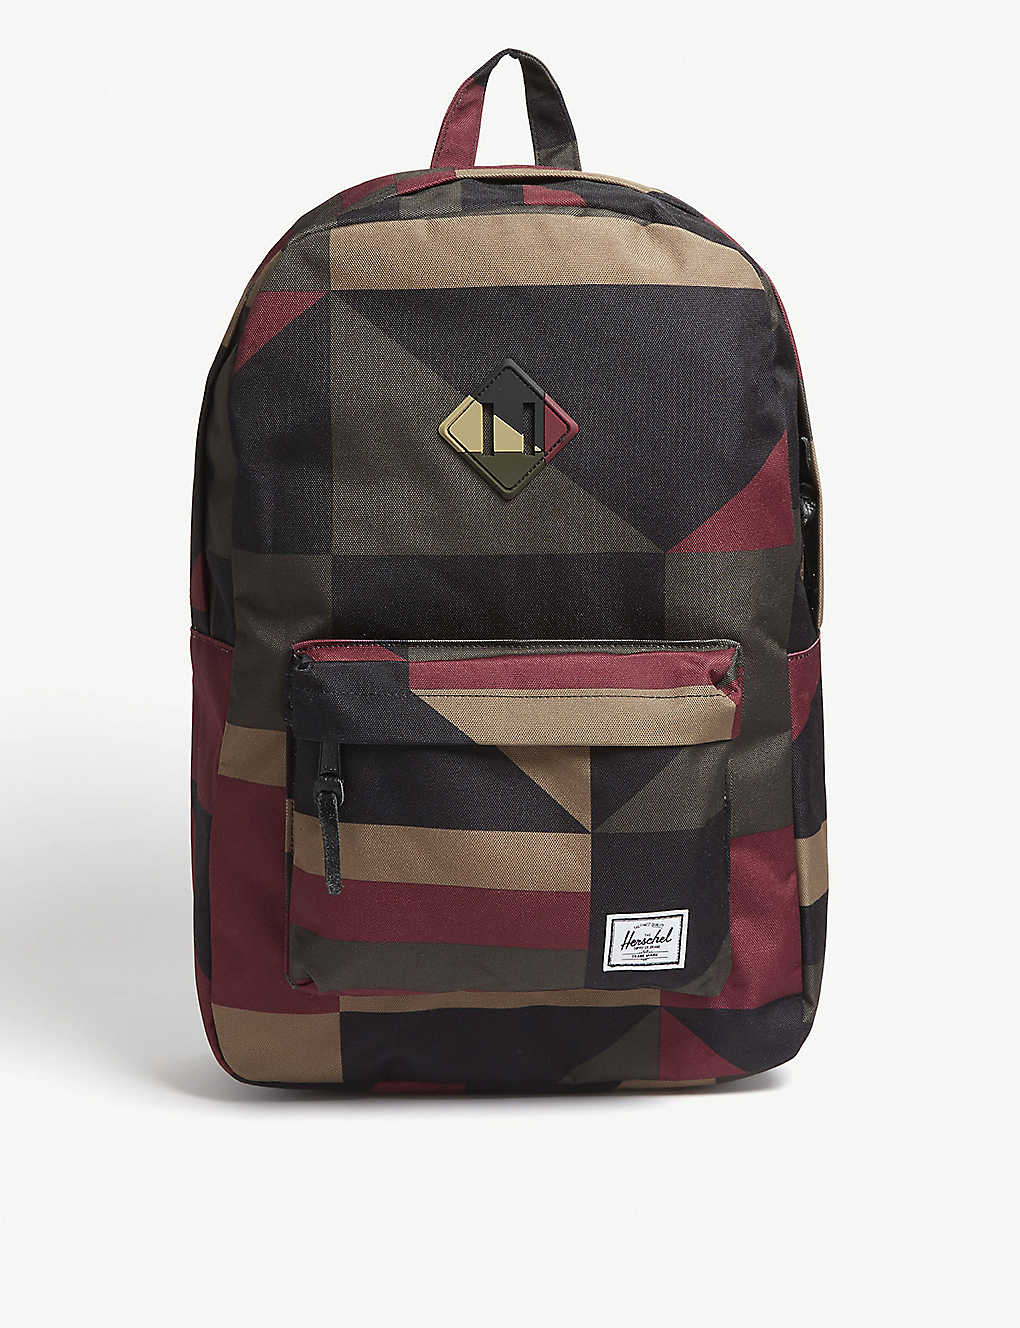 ce8870d47c2 HERSCHEL SUPPLY CO - Heritage backpack